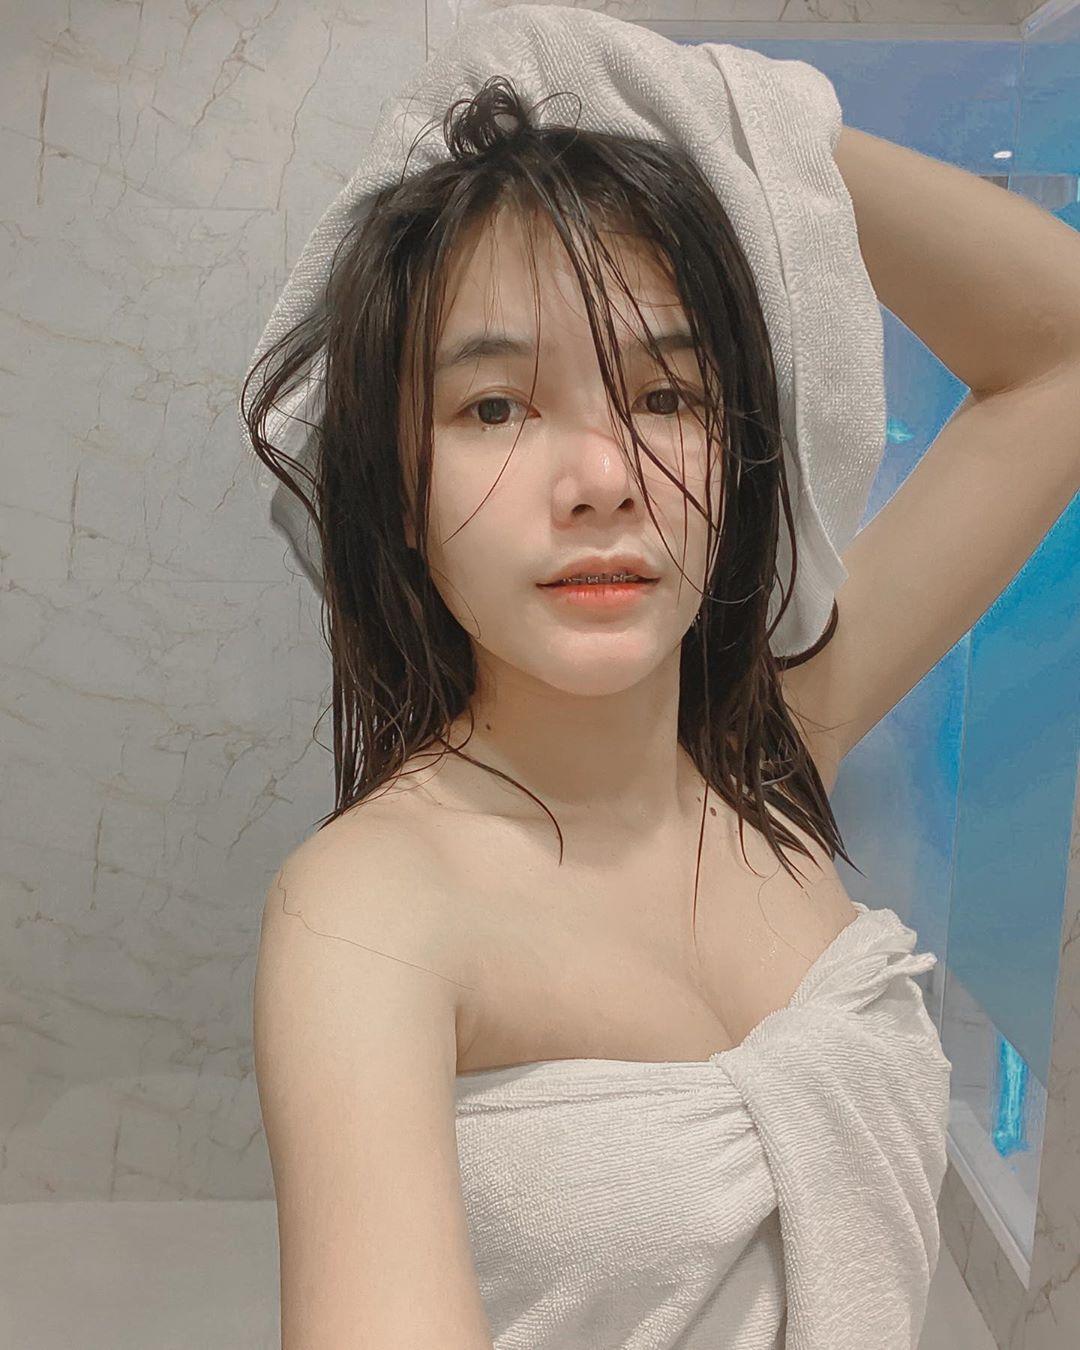 泰国大胸女神Weawtha紧身衣辣晒邪恶曲线 妹子图 热图5